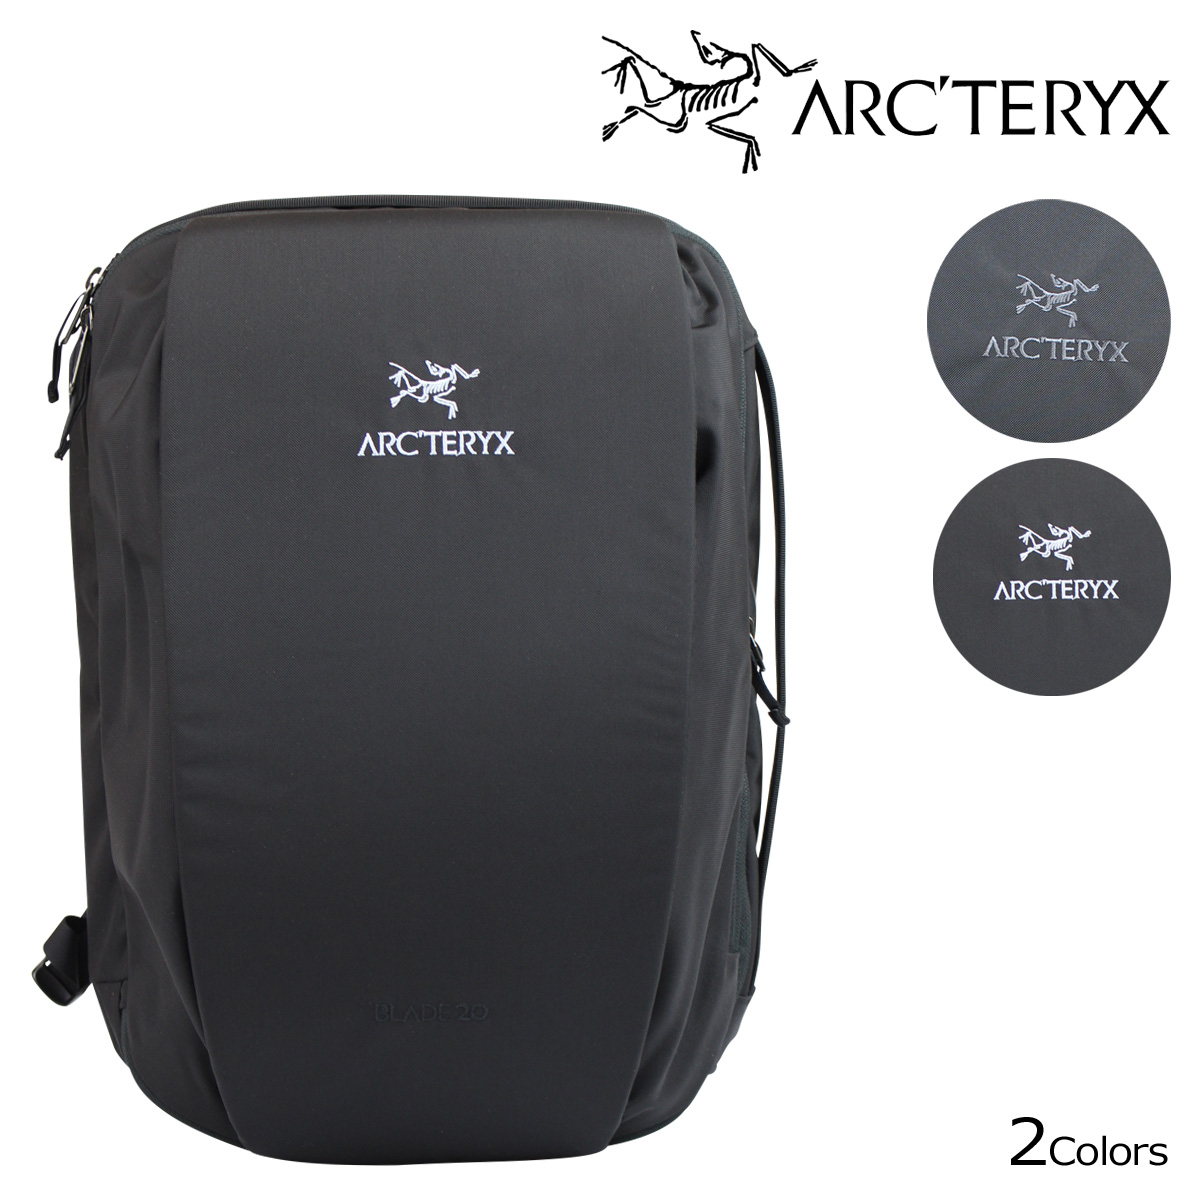 アークテリクス ARC'TERYX リュック バックパック バッグ 16179 20L BLADE 20 メンズ グレー ブラック [9/4 再入荷]